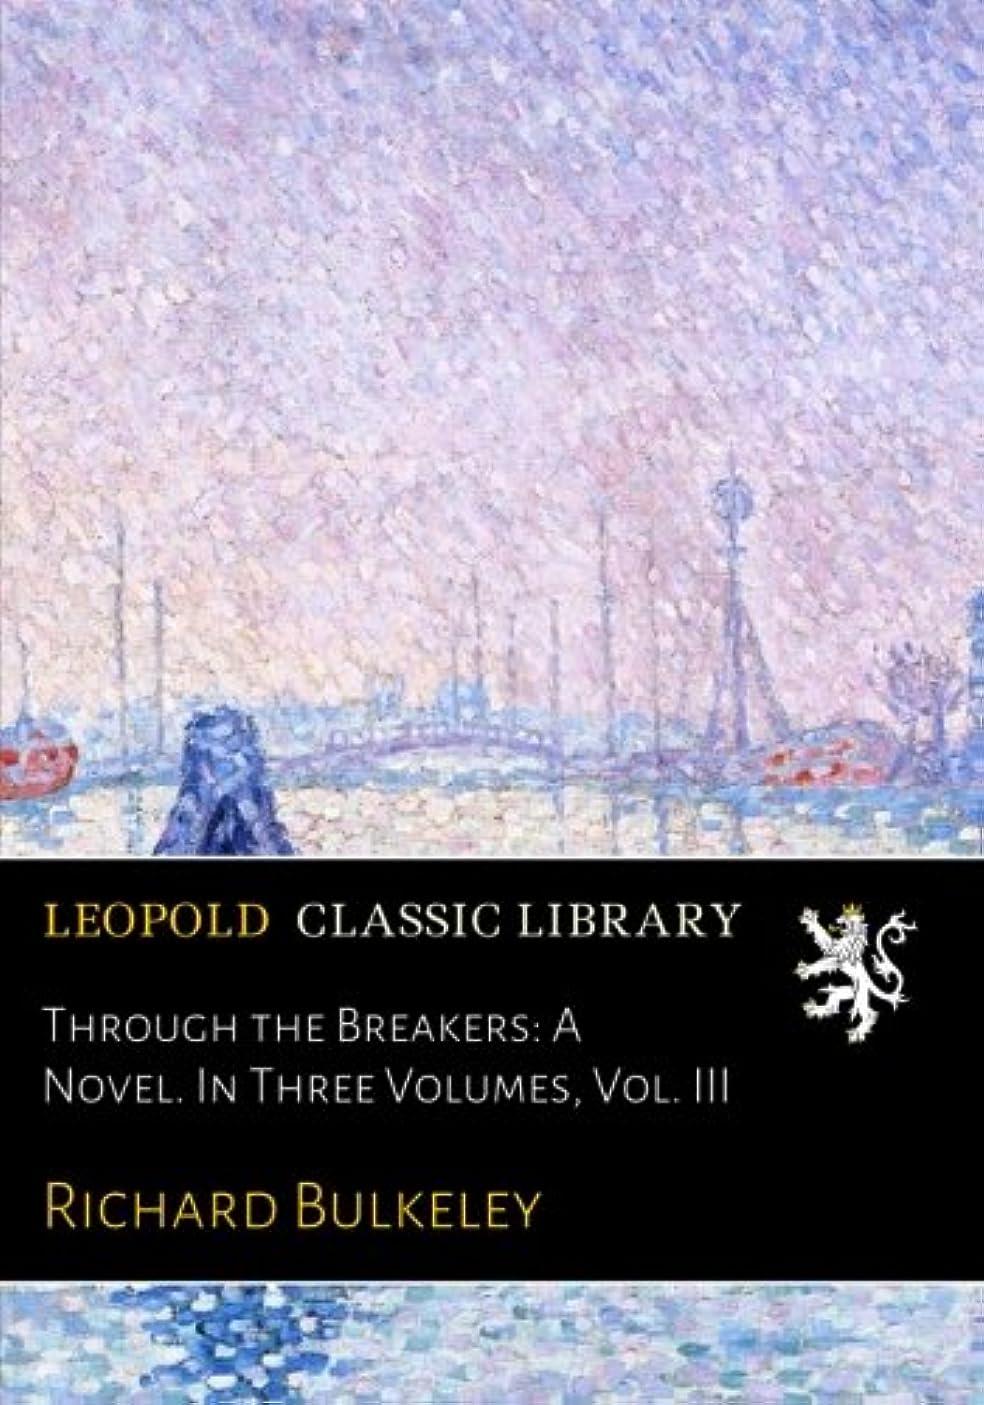 葡萄オンスネズミThrough the Breakers: A Novel. In Three Volumes, Vol. III